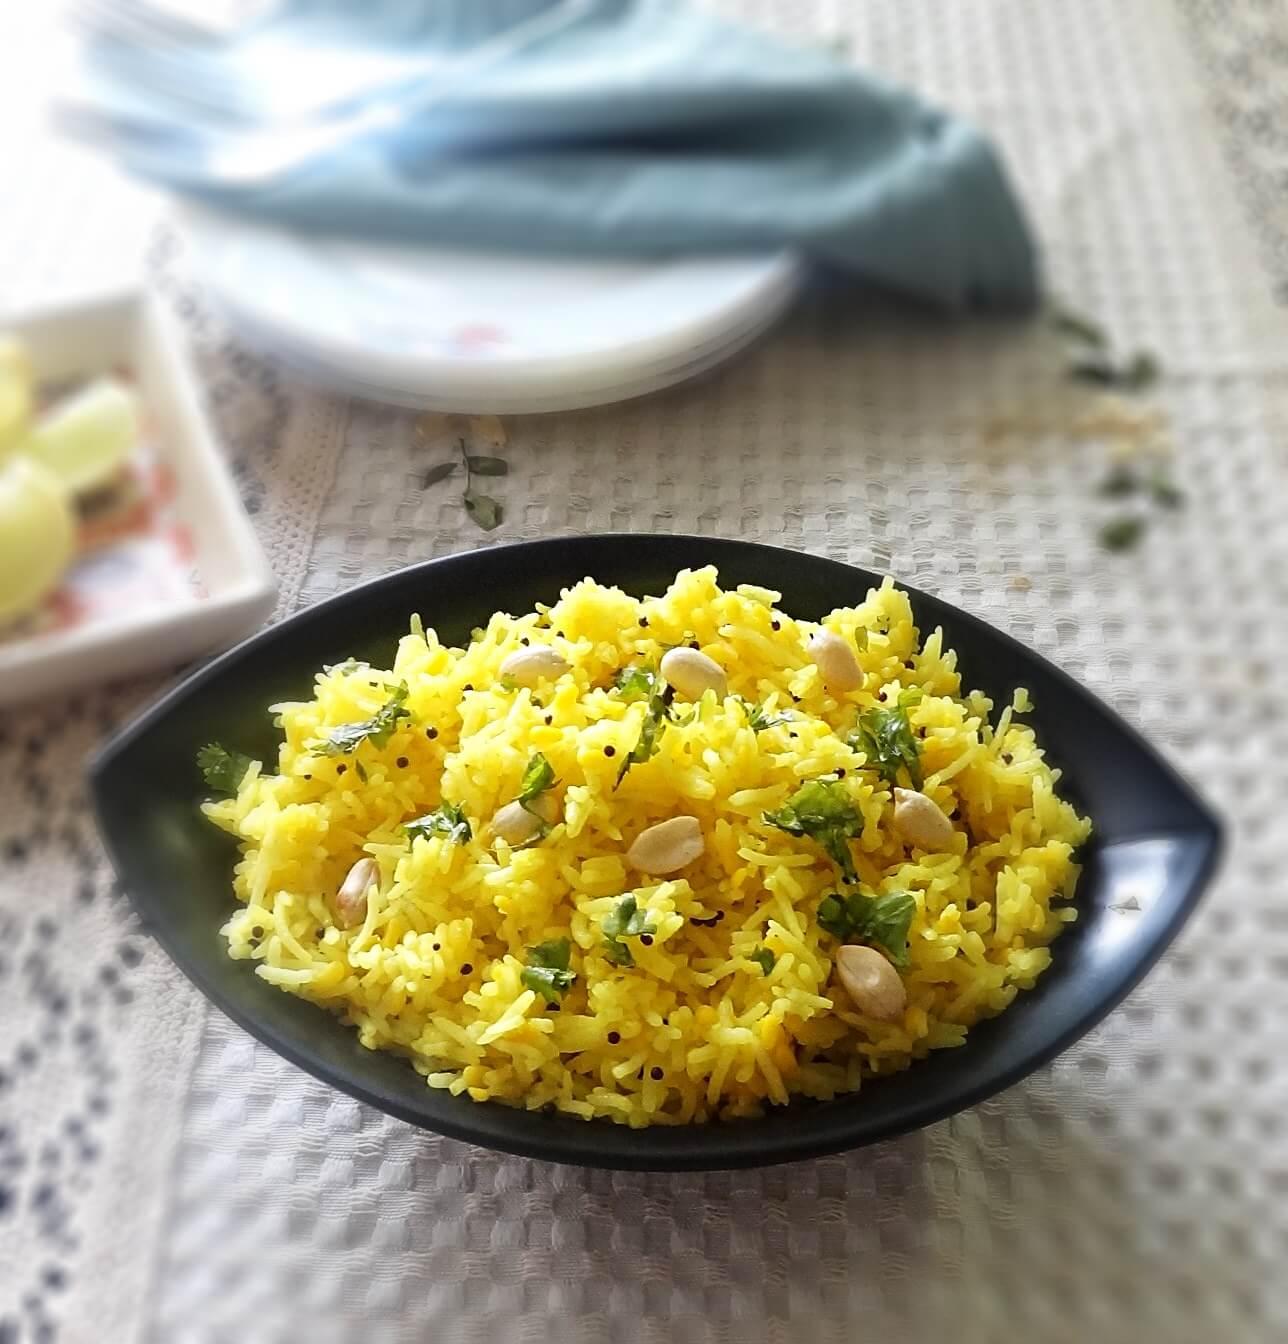 lemon-rice-recipe-step-by-step-how-to-make-lemon-rice